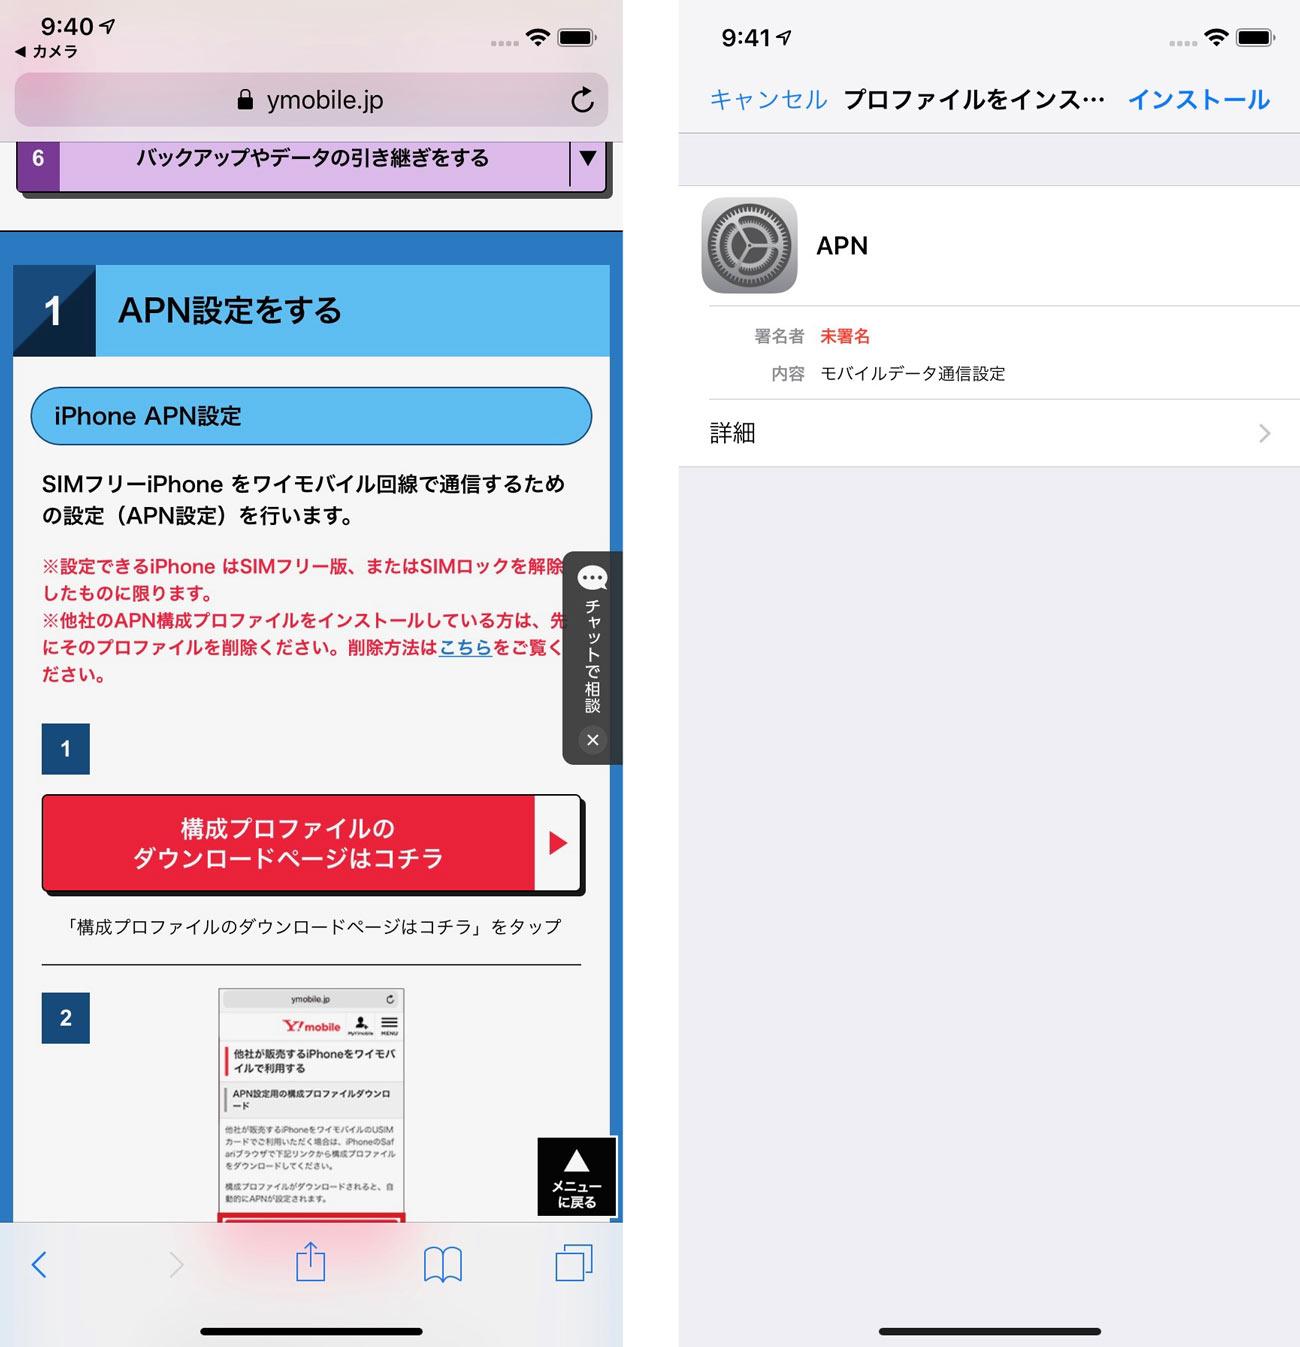 Y!mobile プロファイルインストール